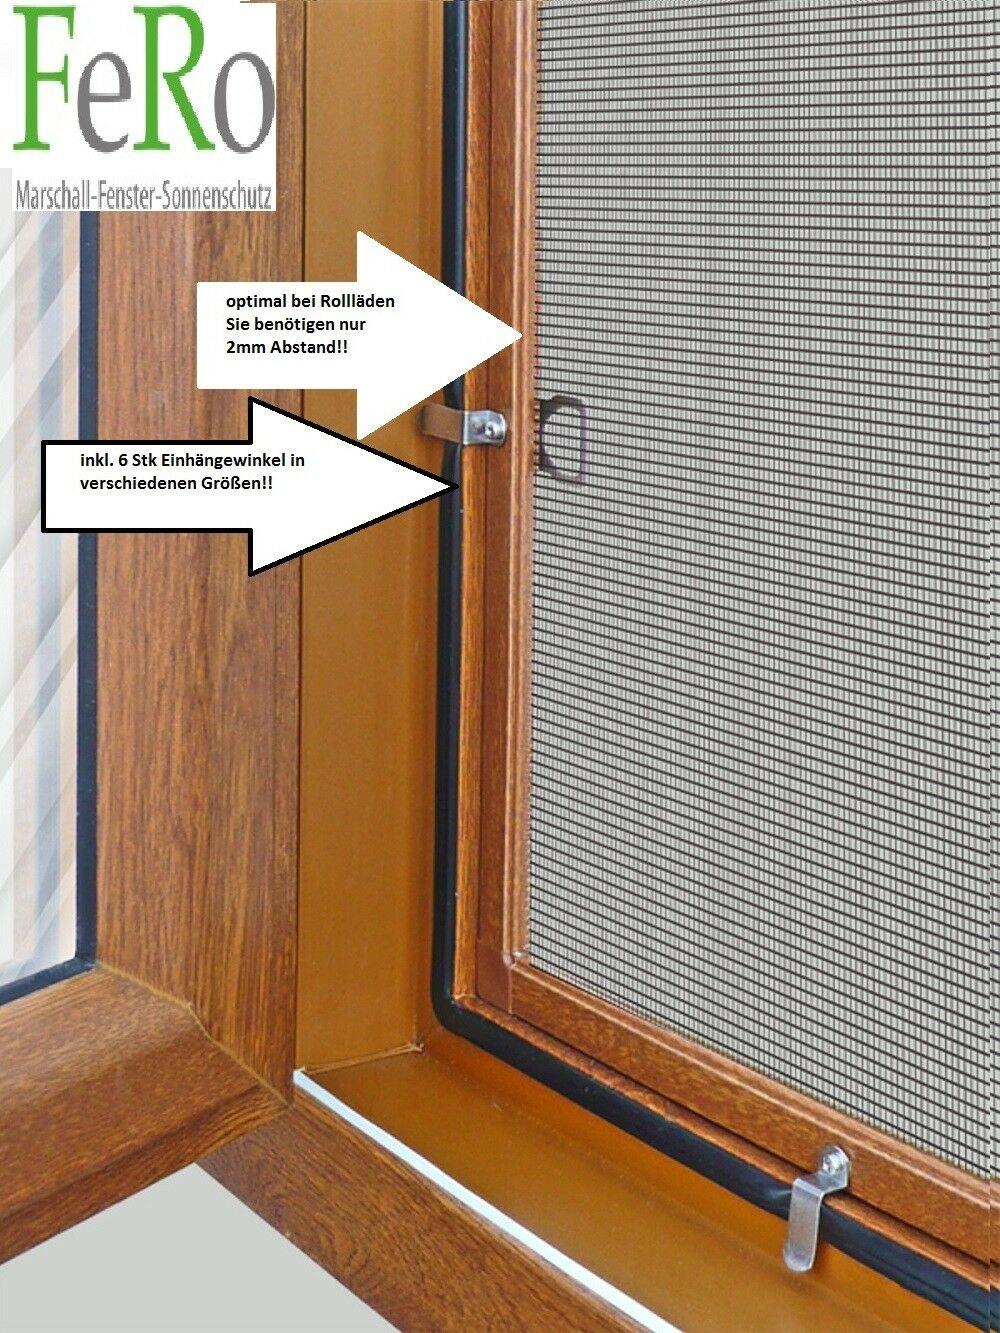 Full Size of Fliegengitter Obi Fenster Immobilien Bad Homburg Einbauküche Regale Nobilia Für Mobile Küche Immobilienmakler Baden Maßanfertigung Wohnzimmer Fliegengitter Obi